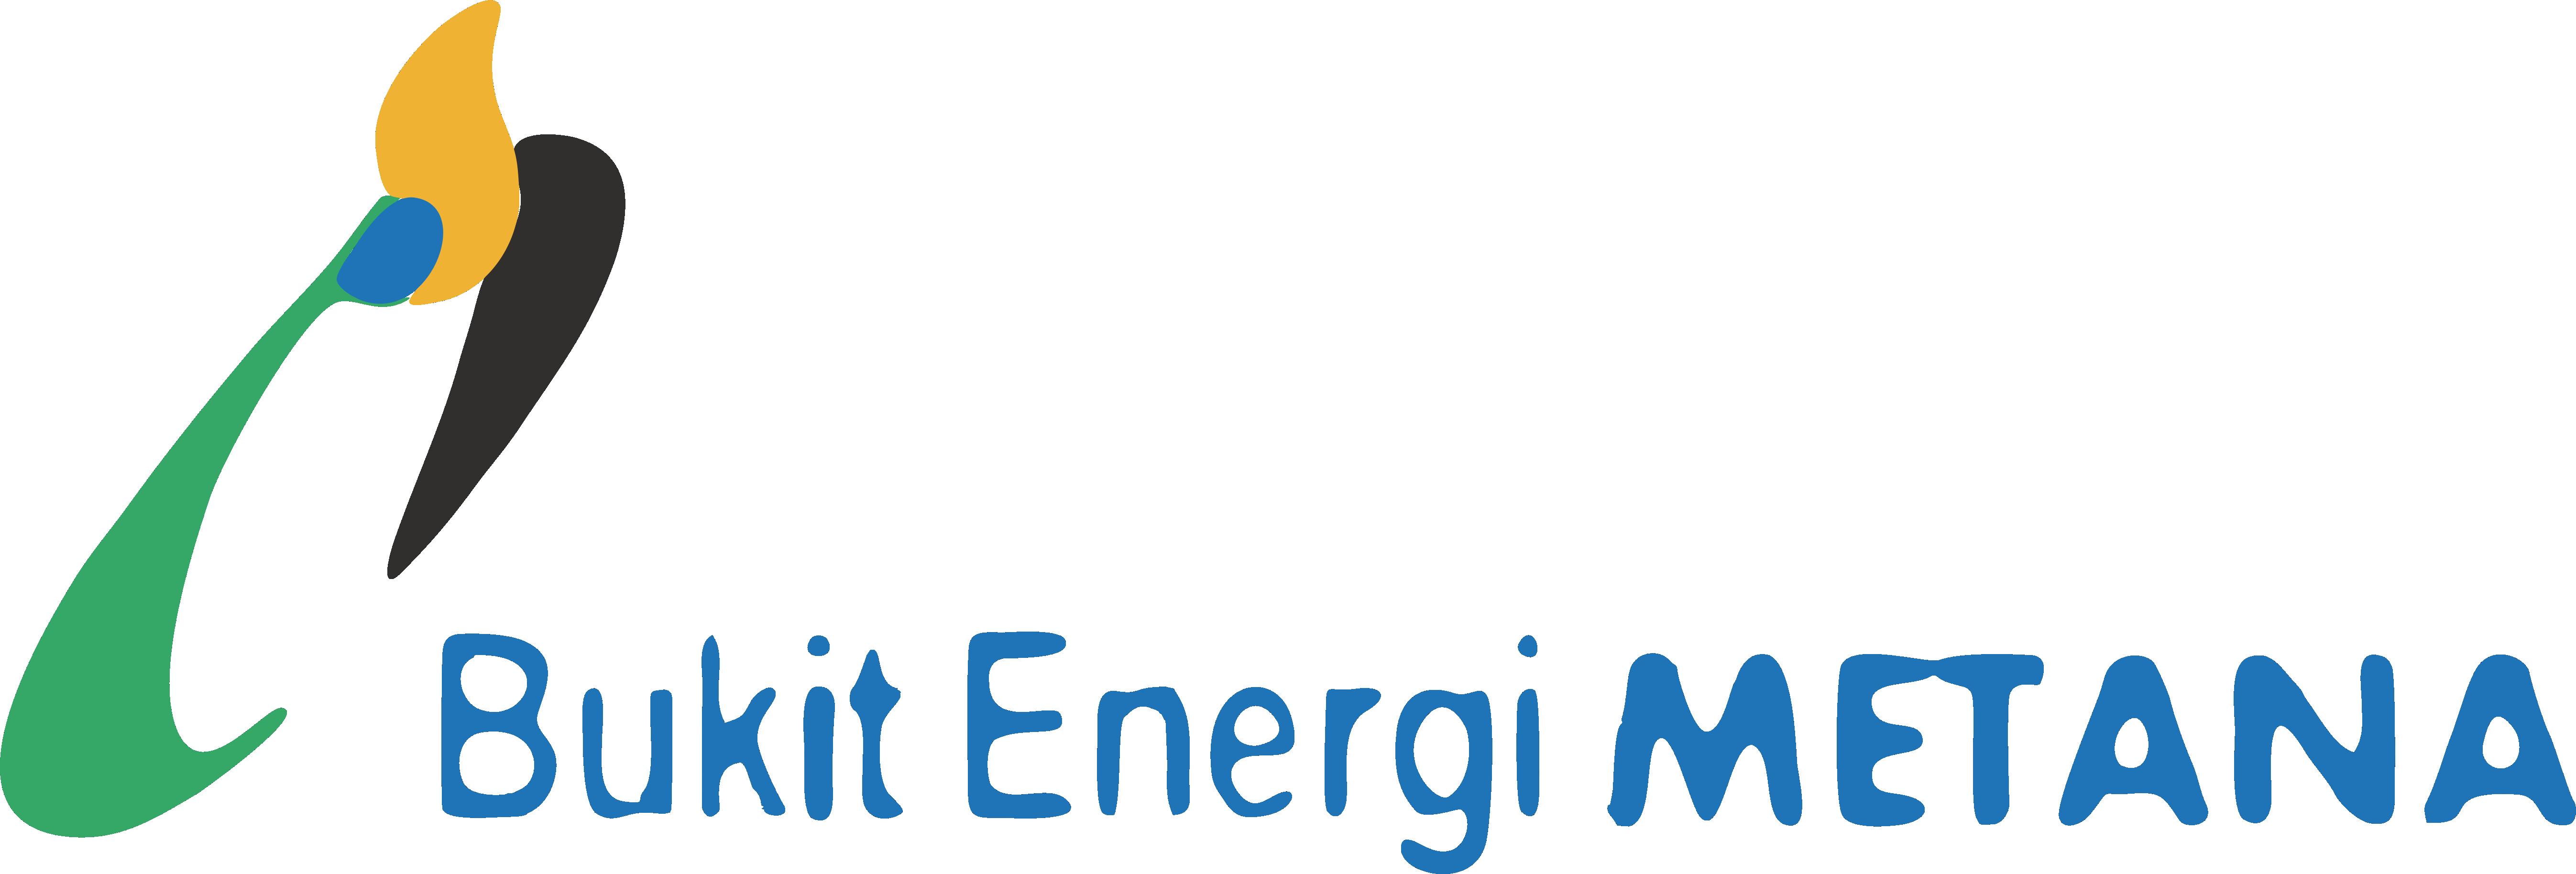 Bukit Energi Metana